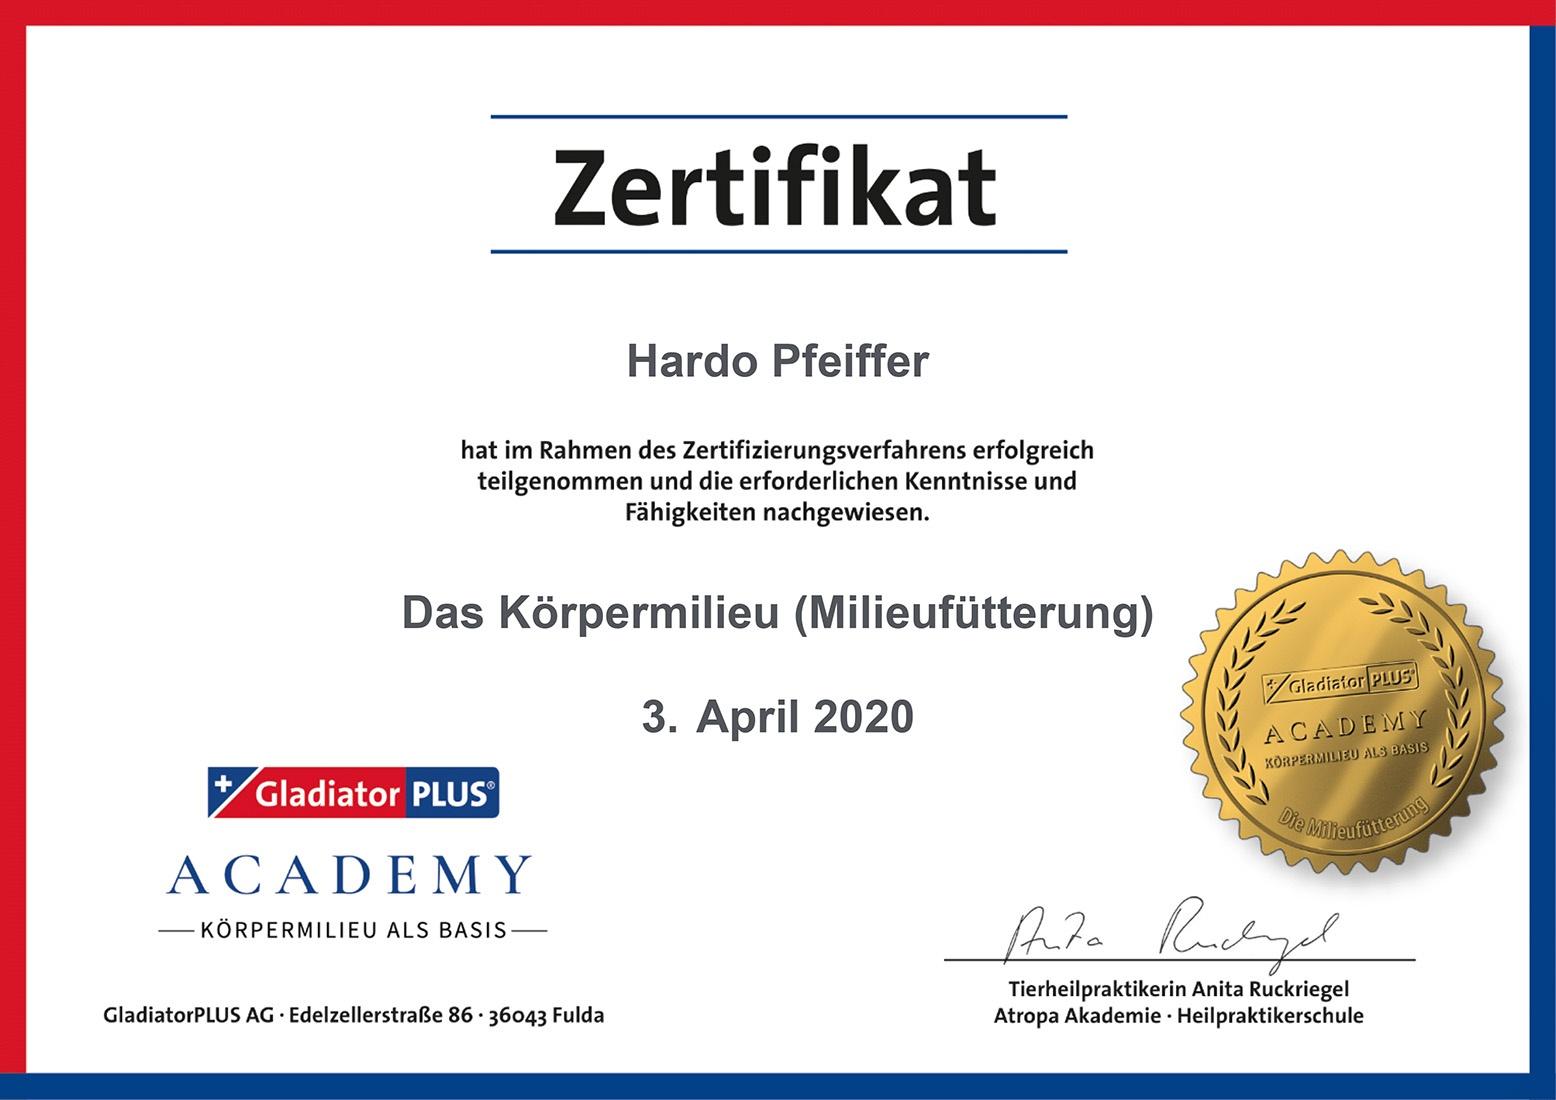 Tierheilpraxis Hardo Pfeiffer – Zertifikat - Das Körpermilieu